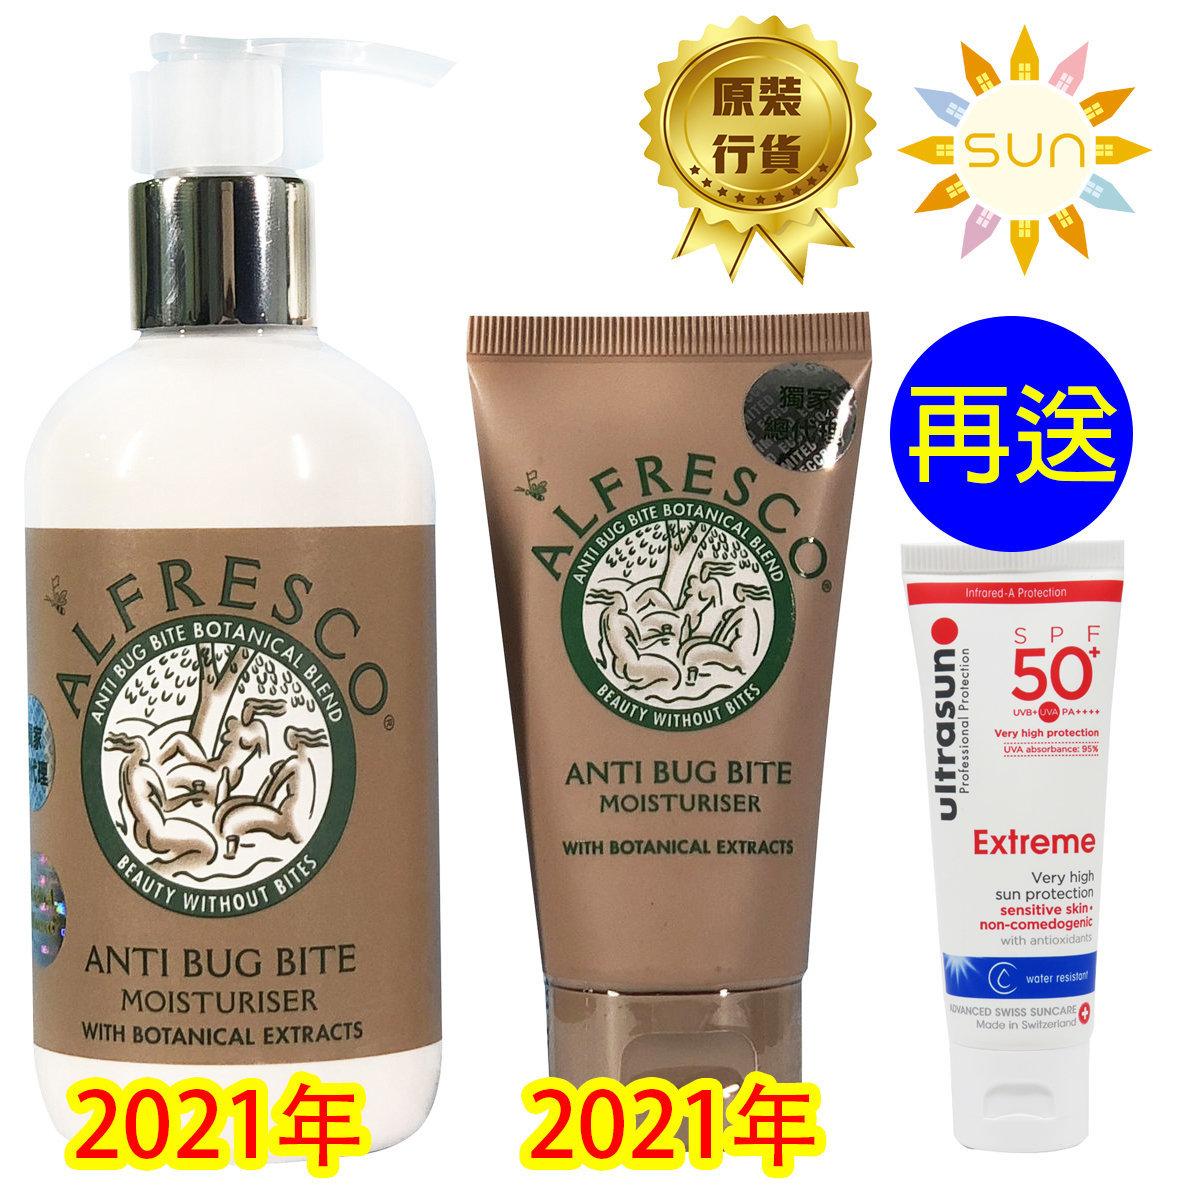 香港行貨*天然草本防蚊保濕乳 200ml+50ml [200ml - 2021年 50ml -2021年]